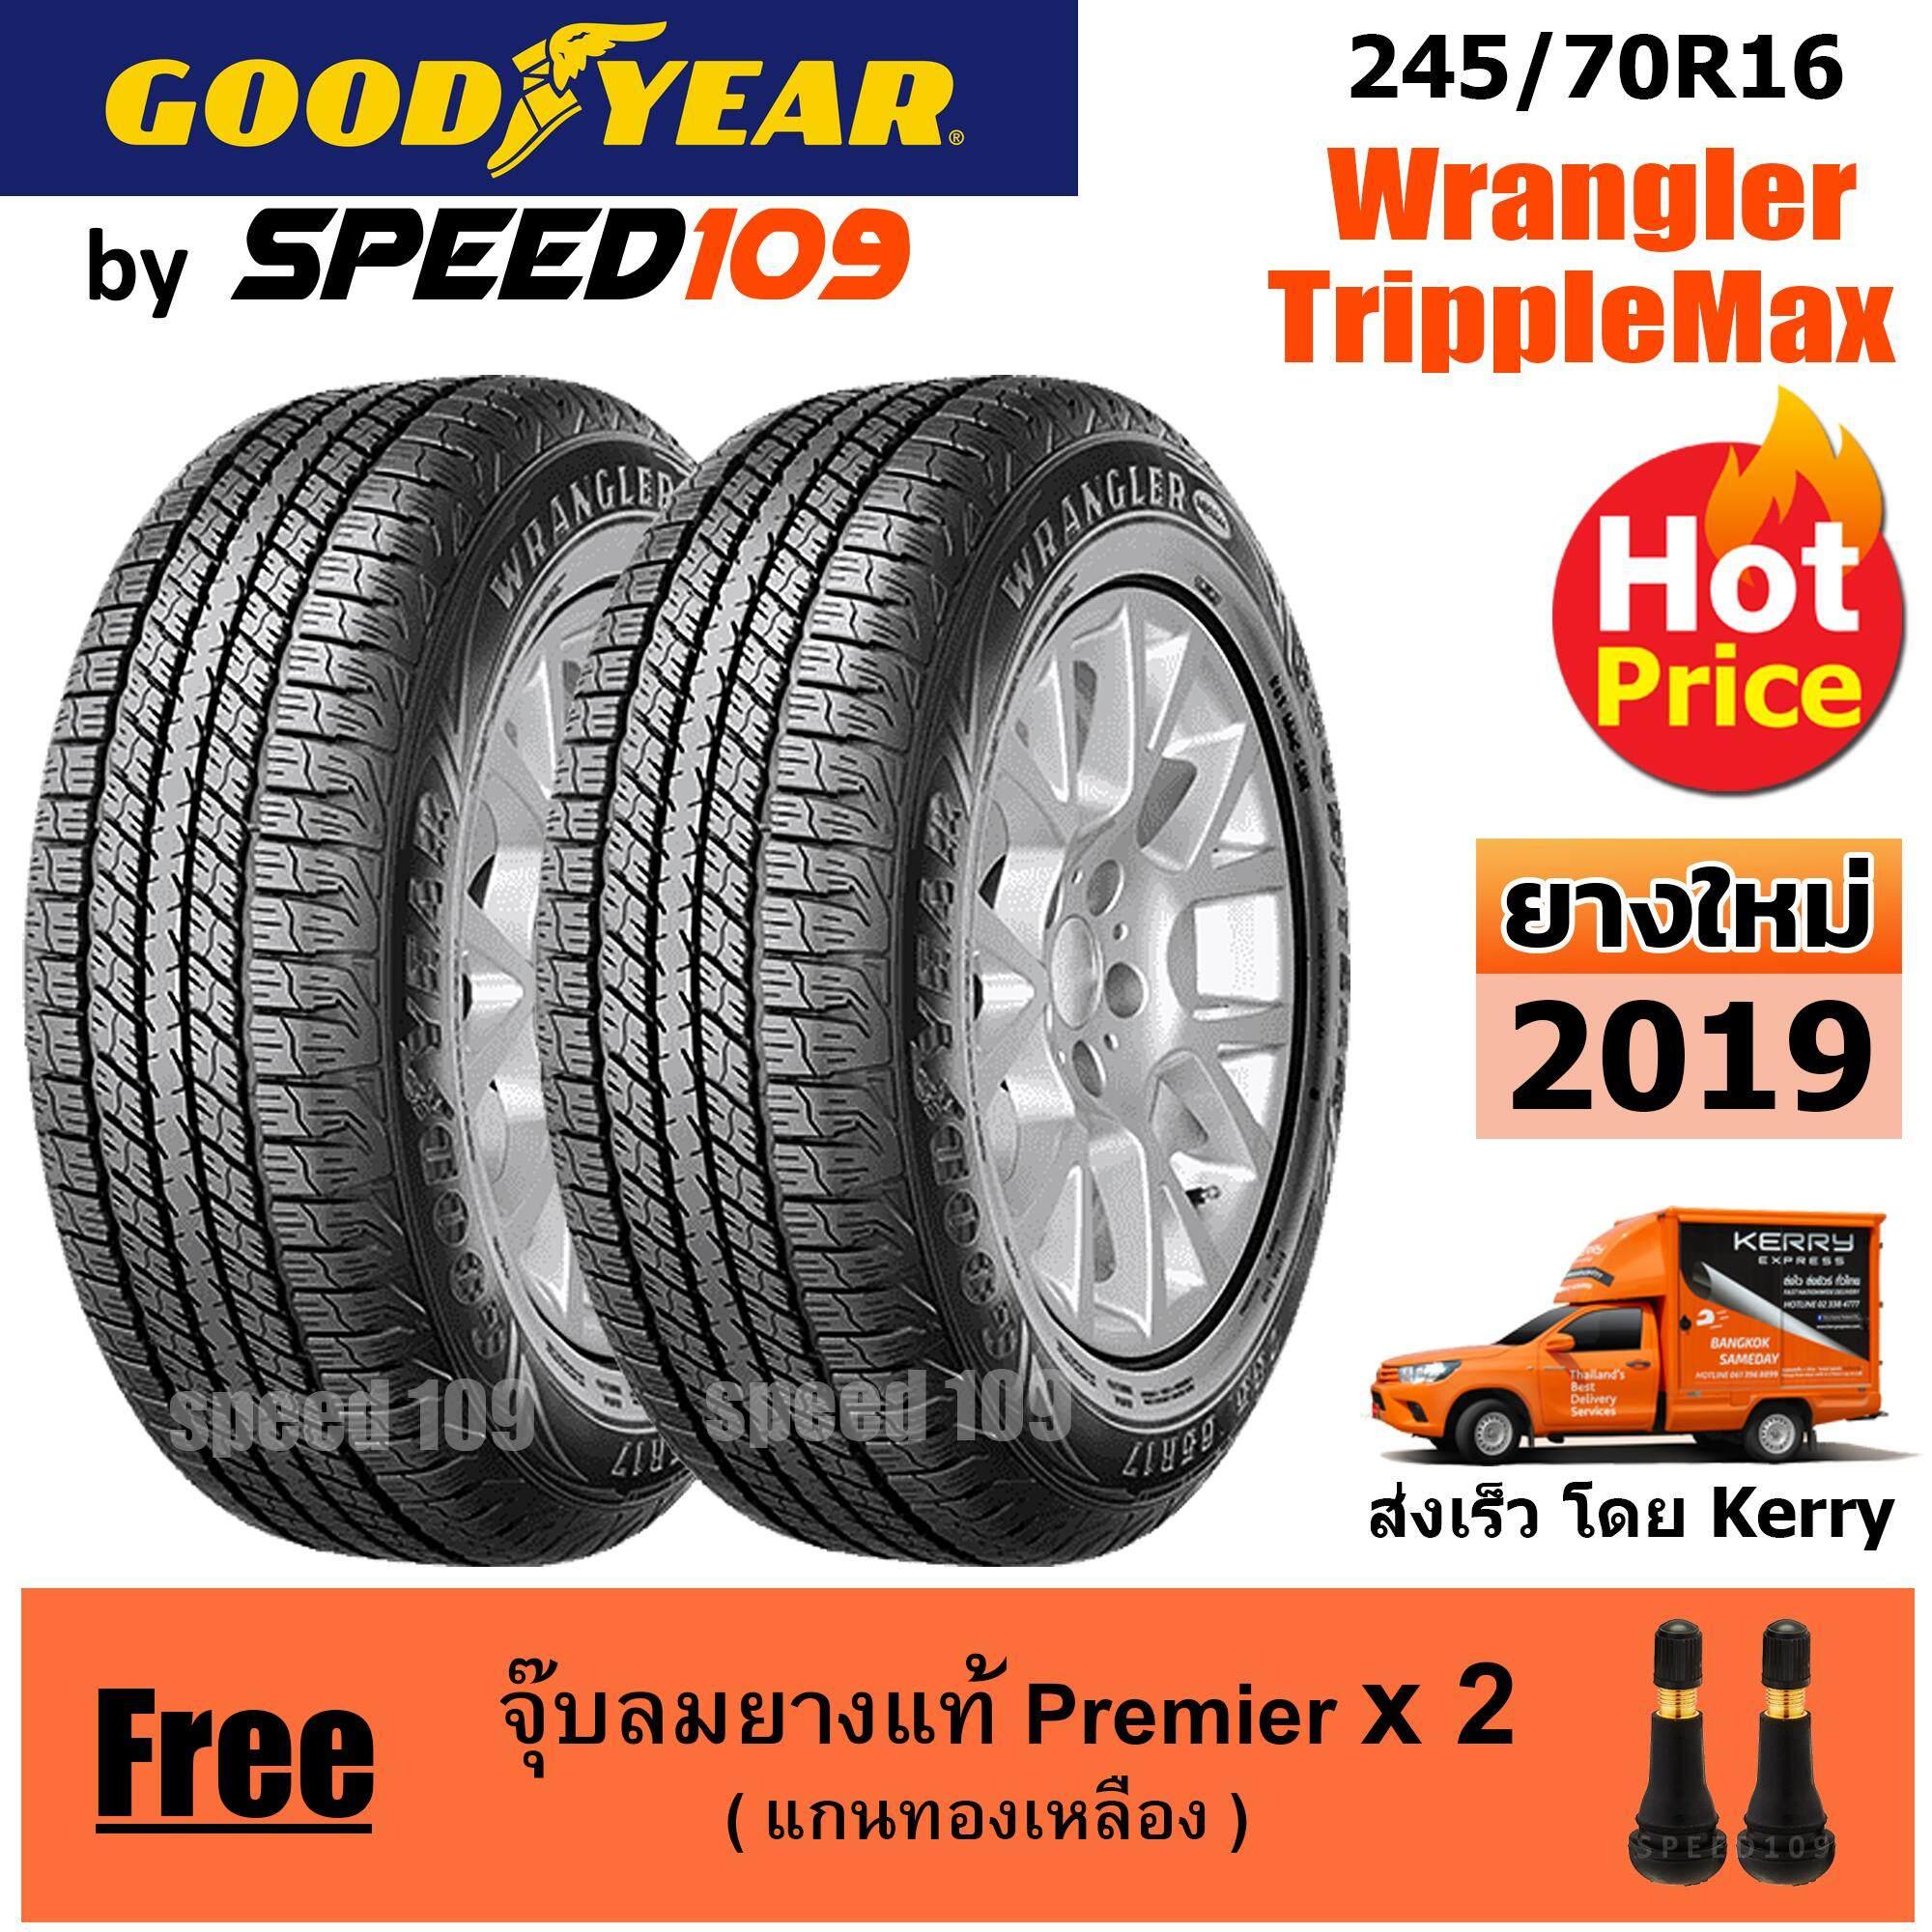 ประกันภัย รถยนต์ 2+ เพชรบุรี GOODYEAR  ยางรถยนต์ ขอบ 16 ขนาด 245/70R16 รุ่น Wrangler - 2 เส้น (ปี 2019)